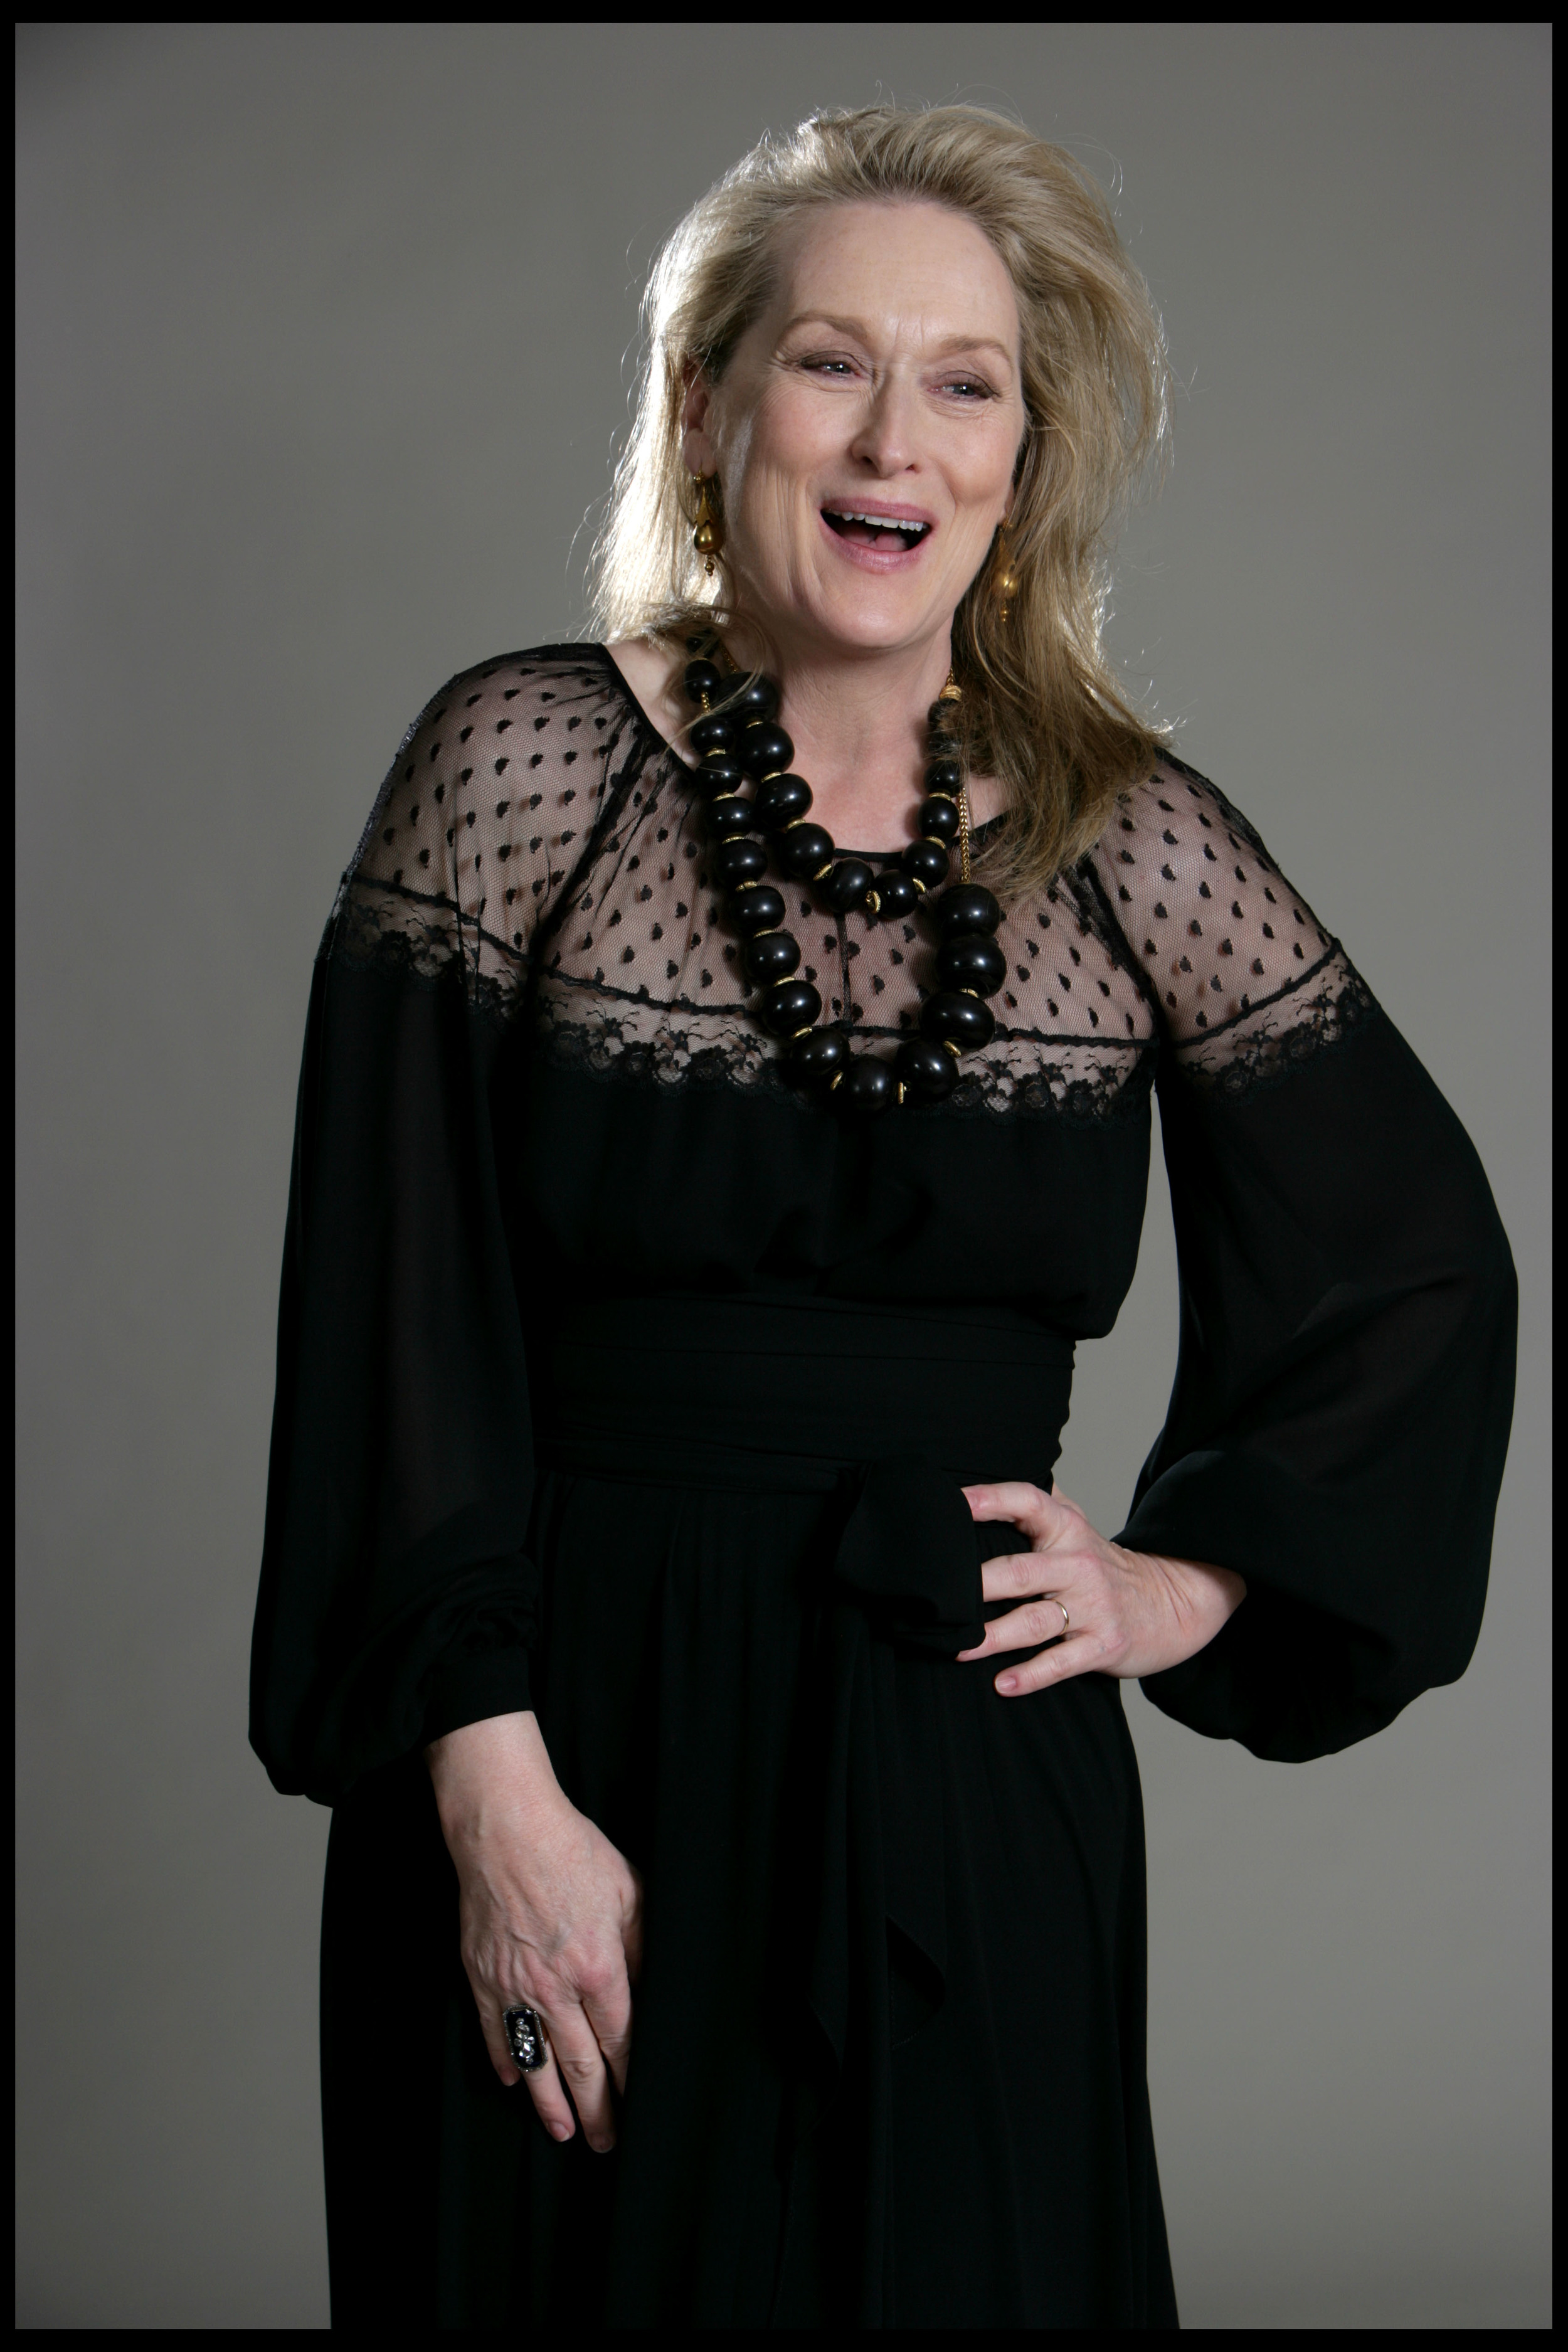 Meryll Streep, actress